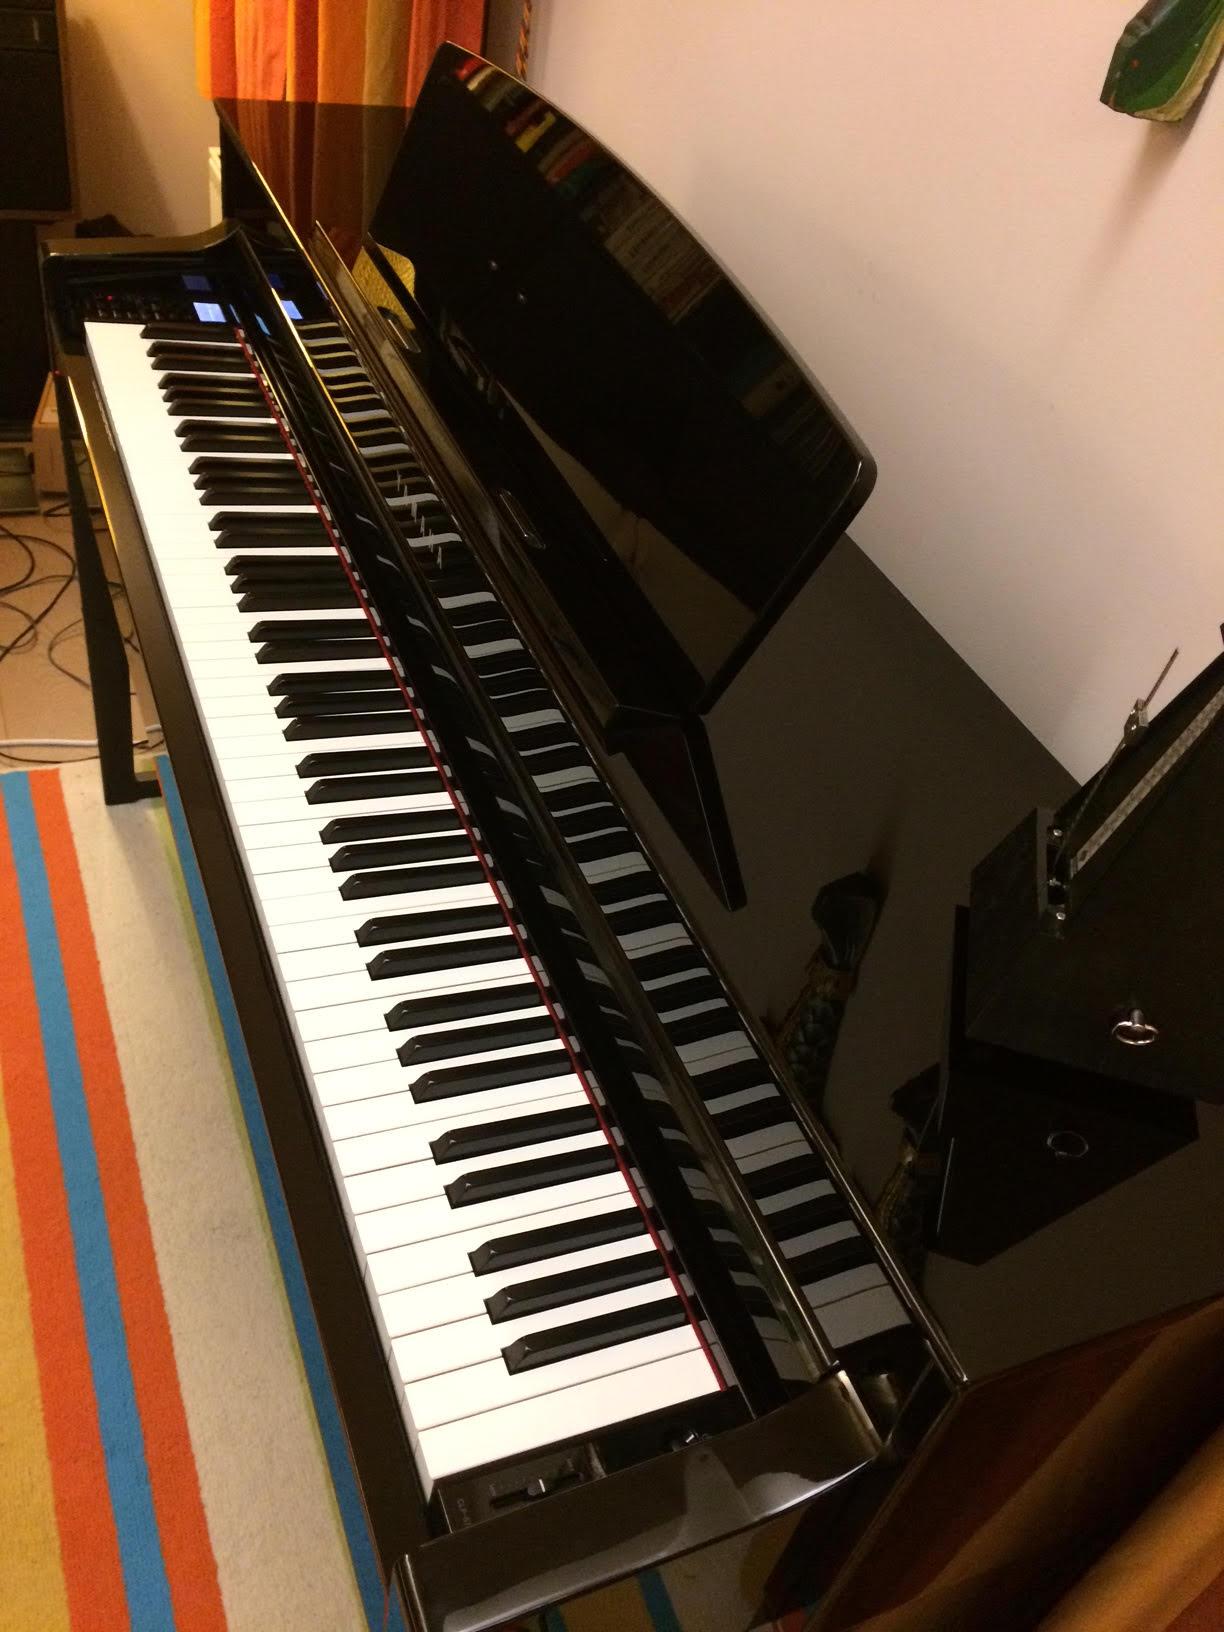 Clp 575 yamaha clp 575 audiofanzine for Yamaha clavinova clp 500